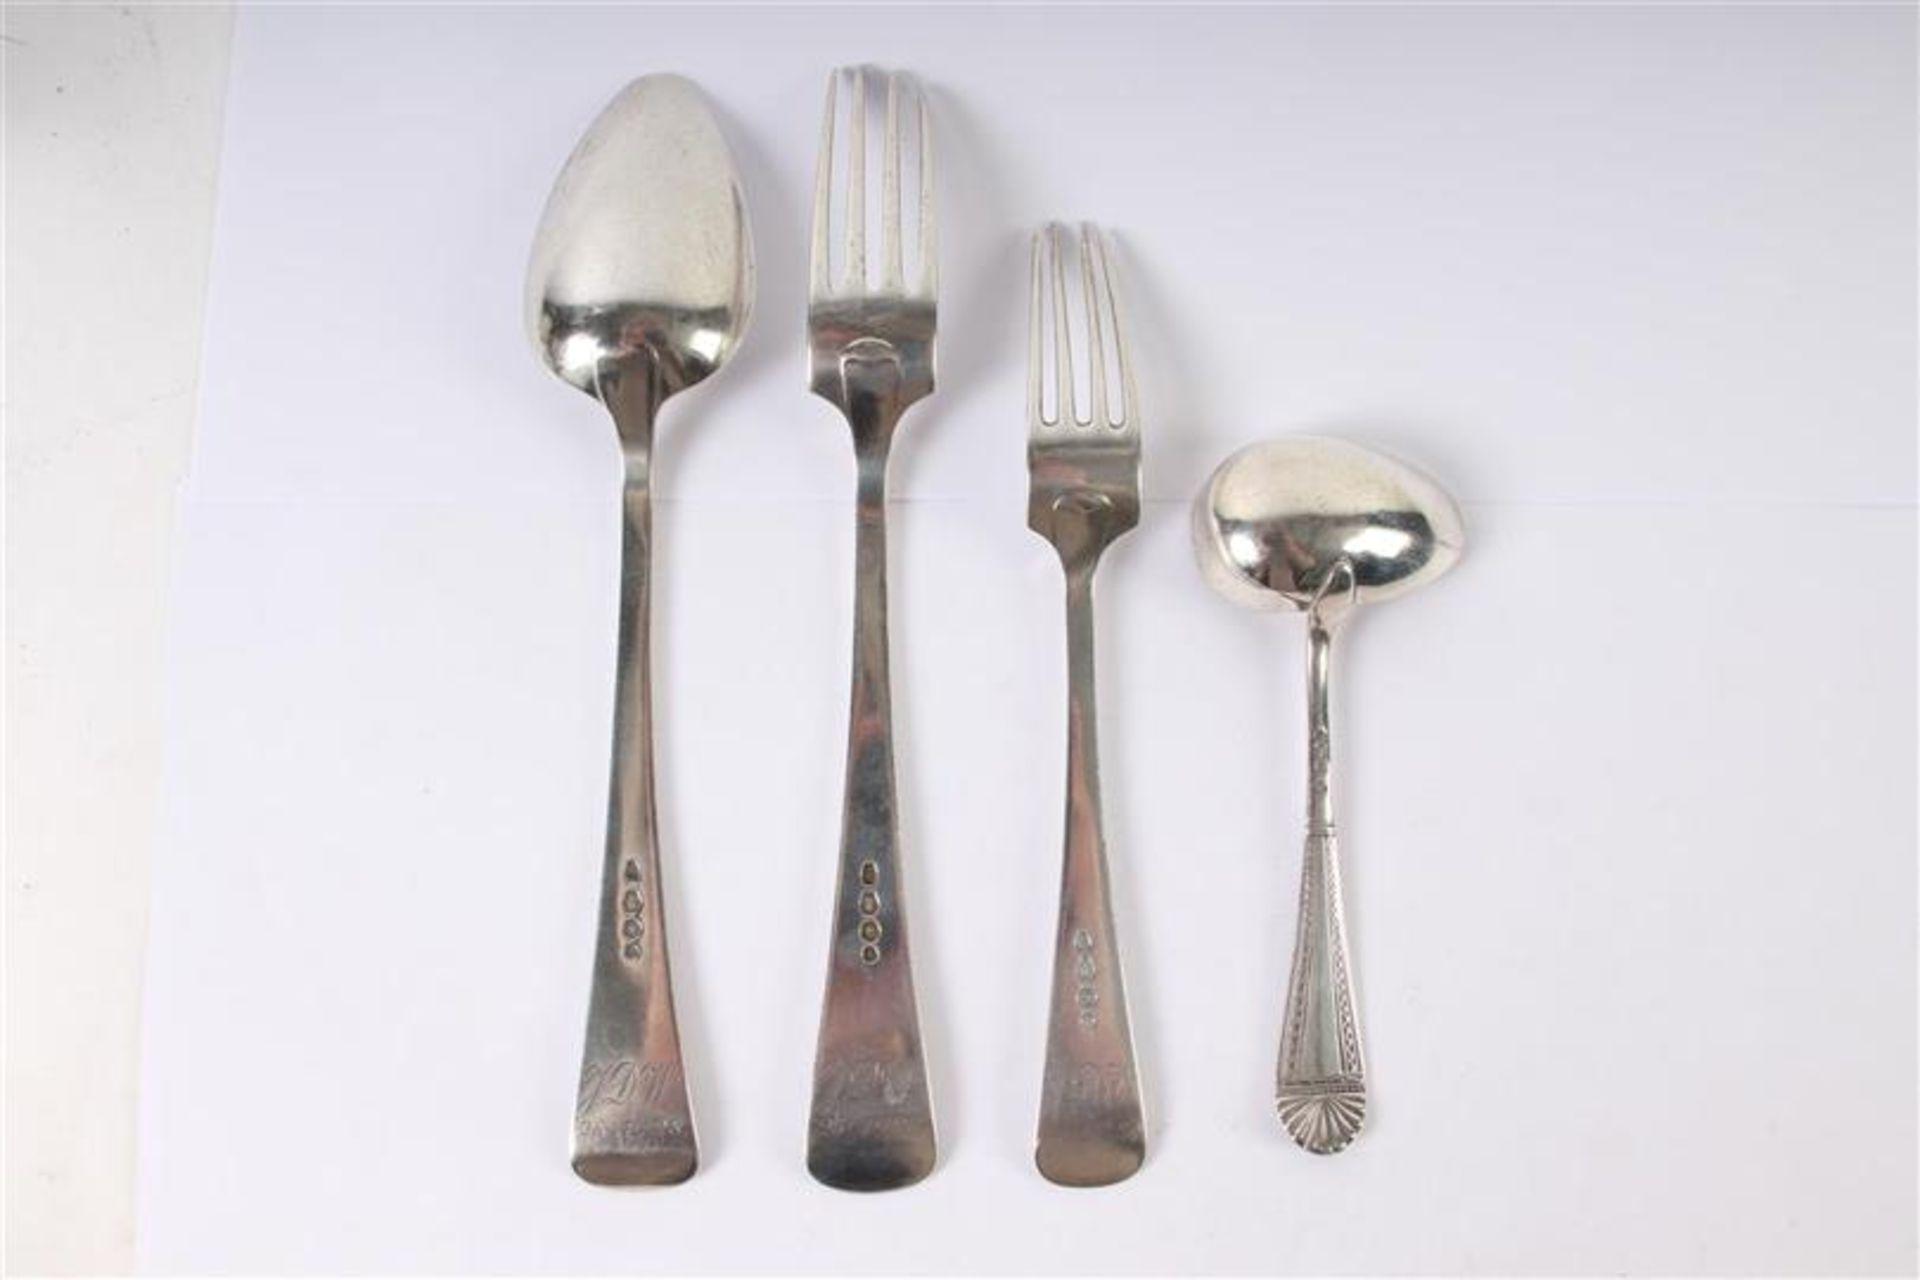 Los 21 - Divers gebruiksgoed, waaronder zilveren lepeltjes met getorste steel, Hollands gekeurd.